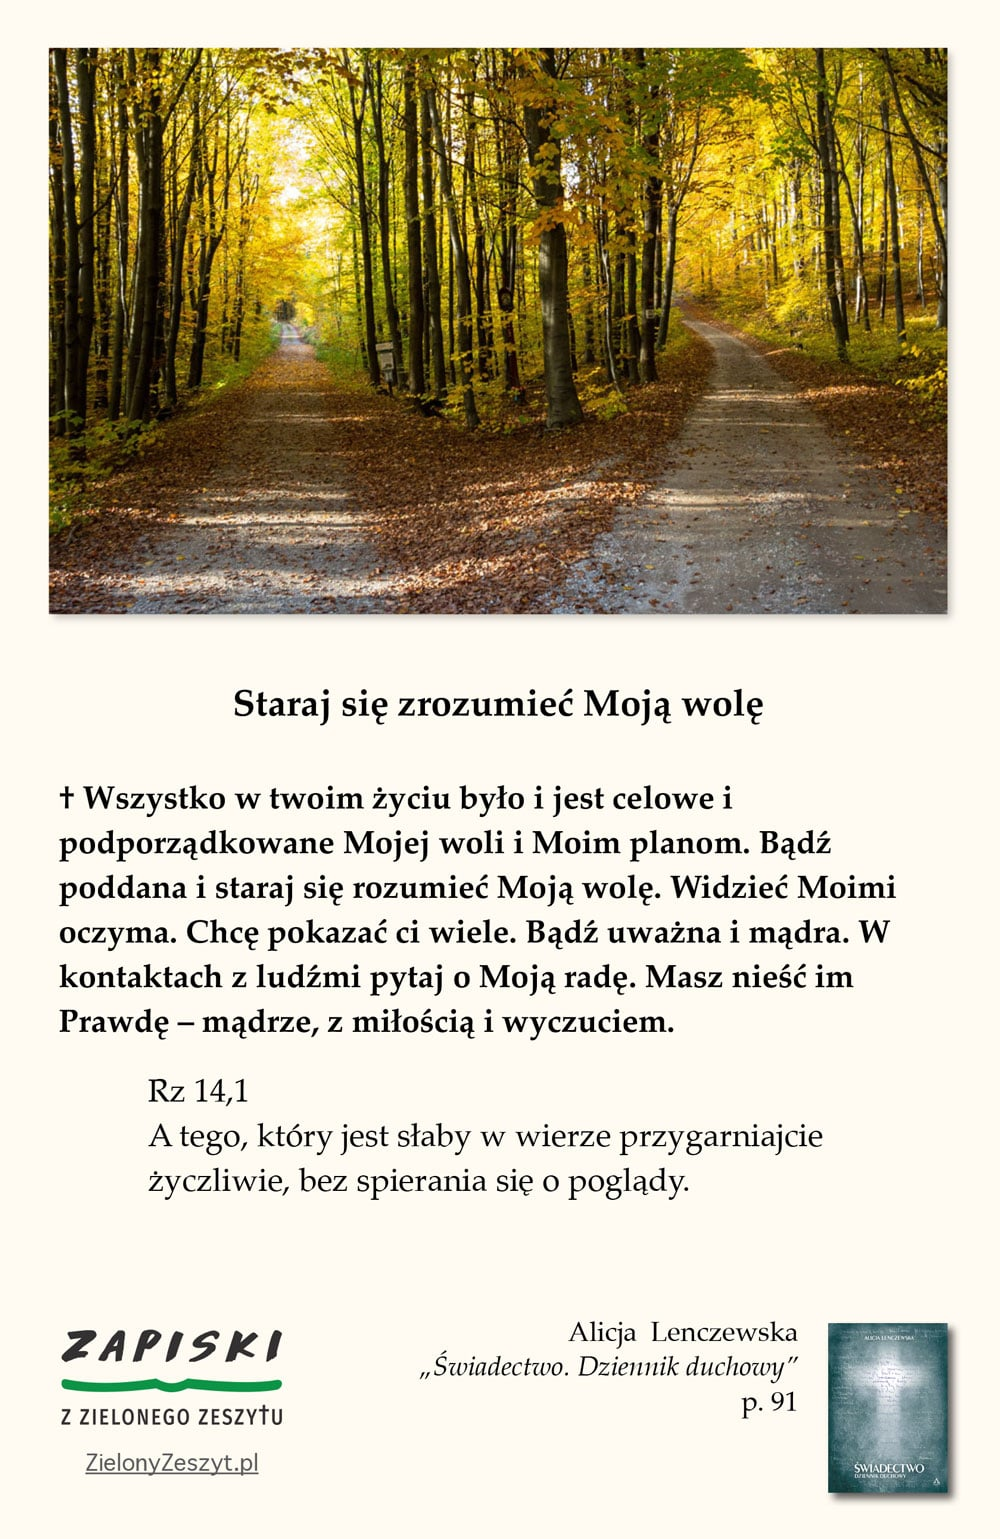 """Alicja Lenczewska, """"Świadectwo. Dziennik duchowy"""", p. 91 (Staraj się zrozumieć Moją wolę)"""